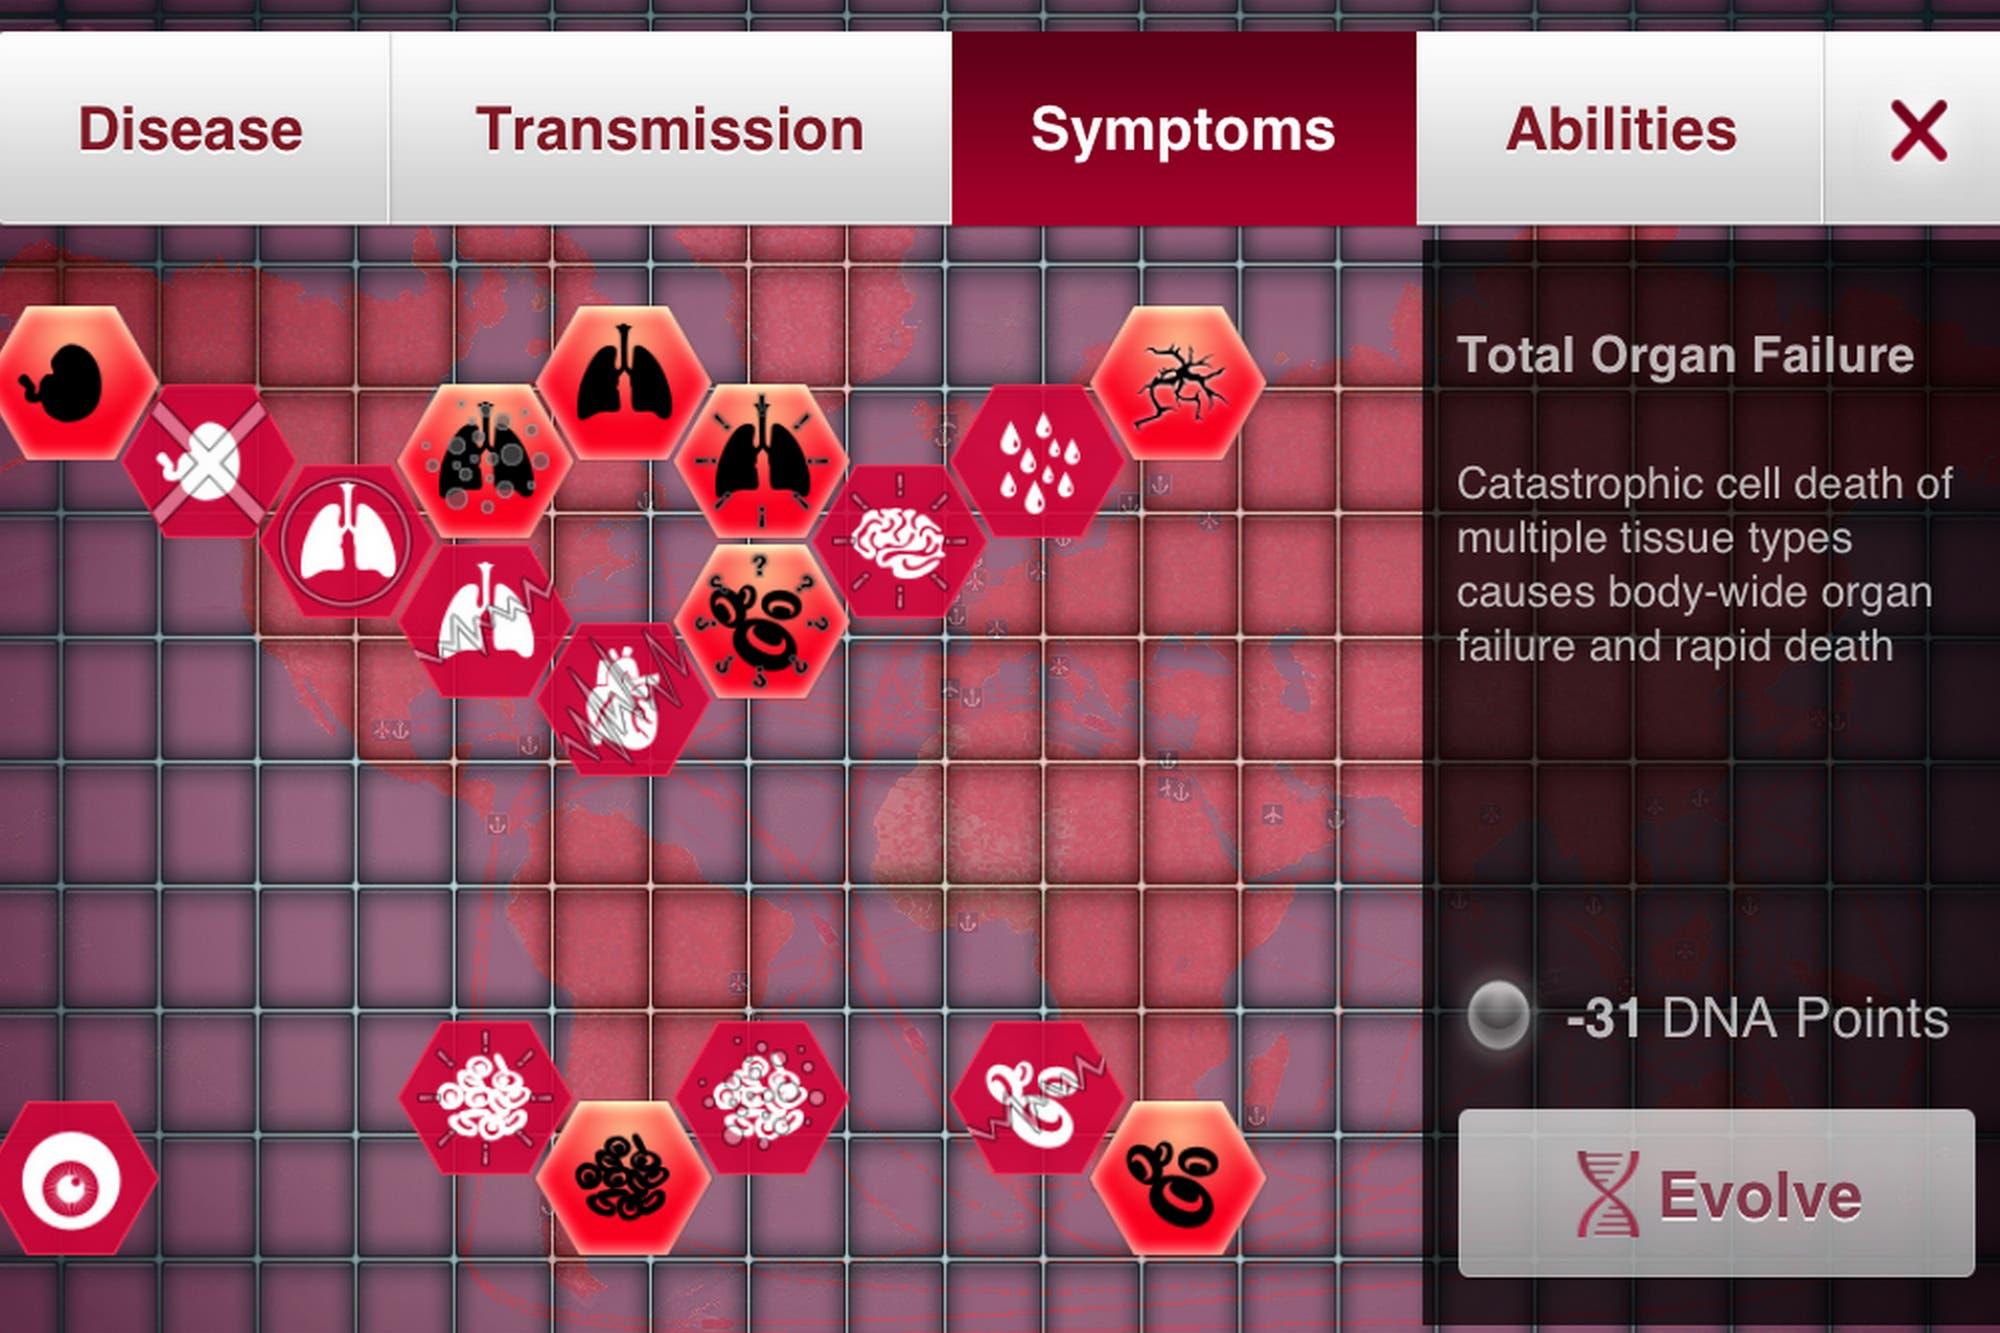 El videojuego de la plaga asesina Plague Inc ahora propone detener una epidemia